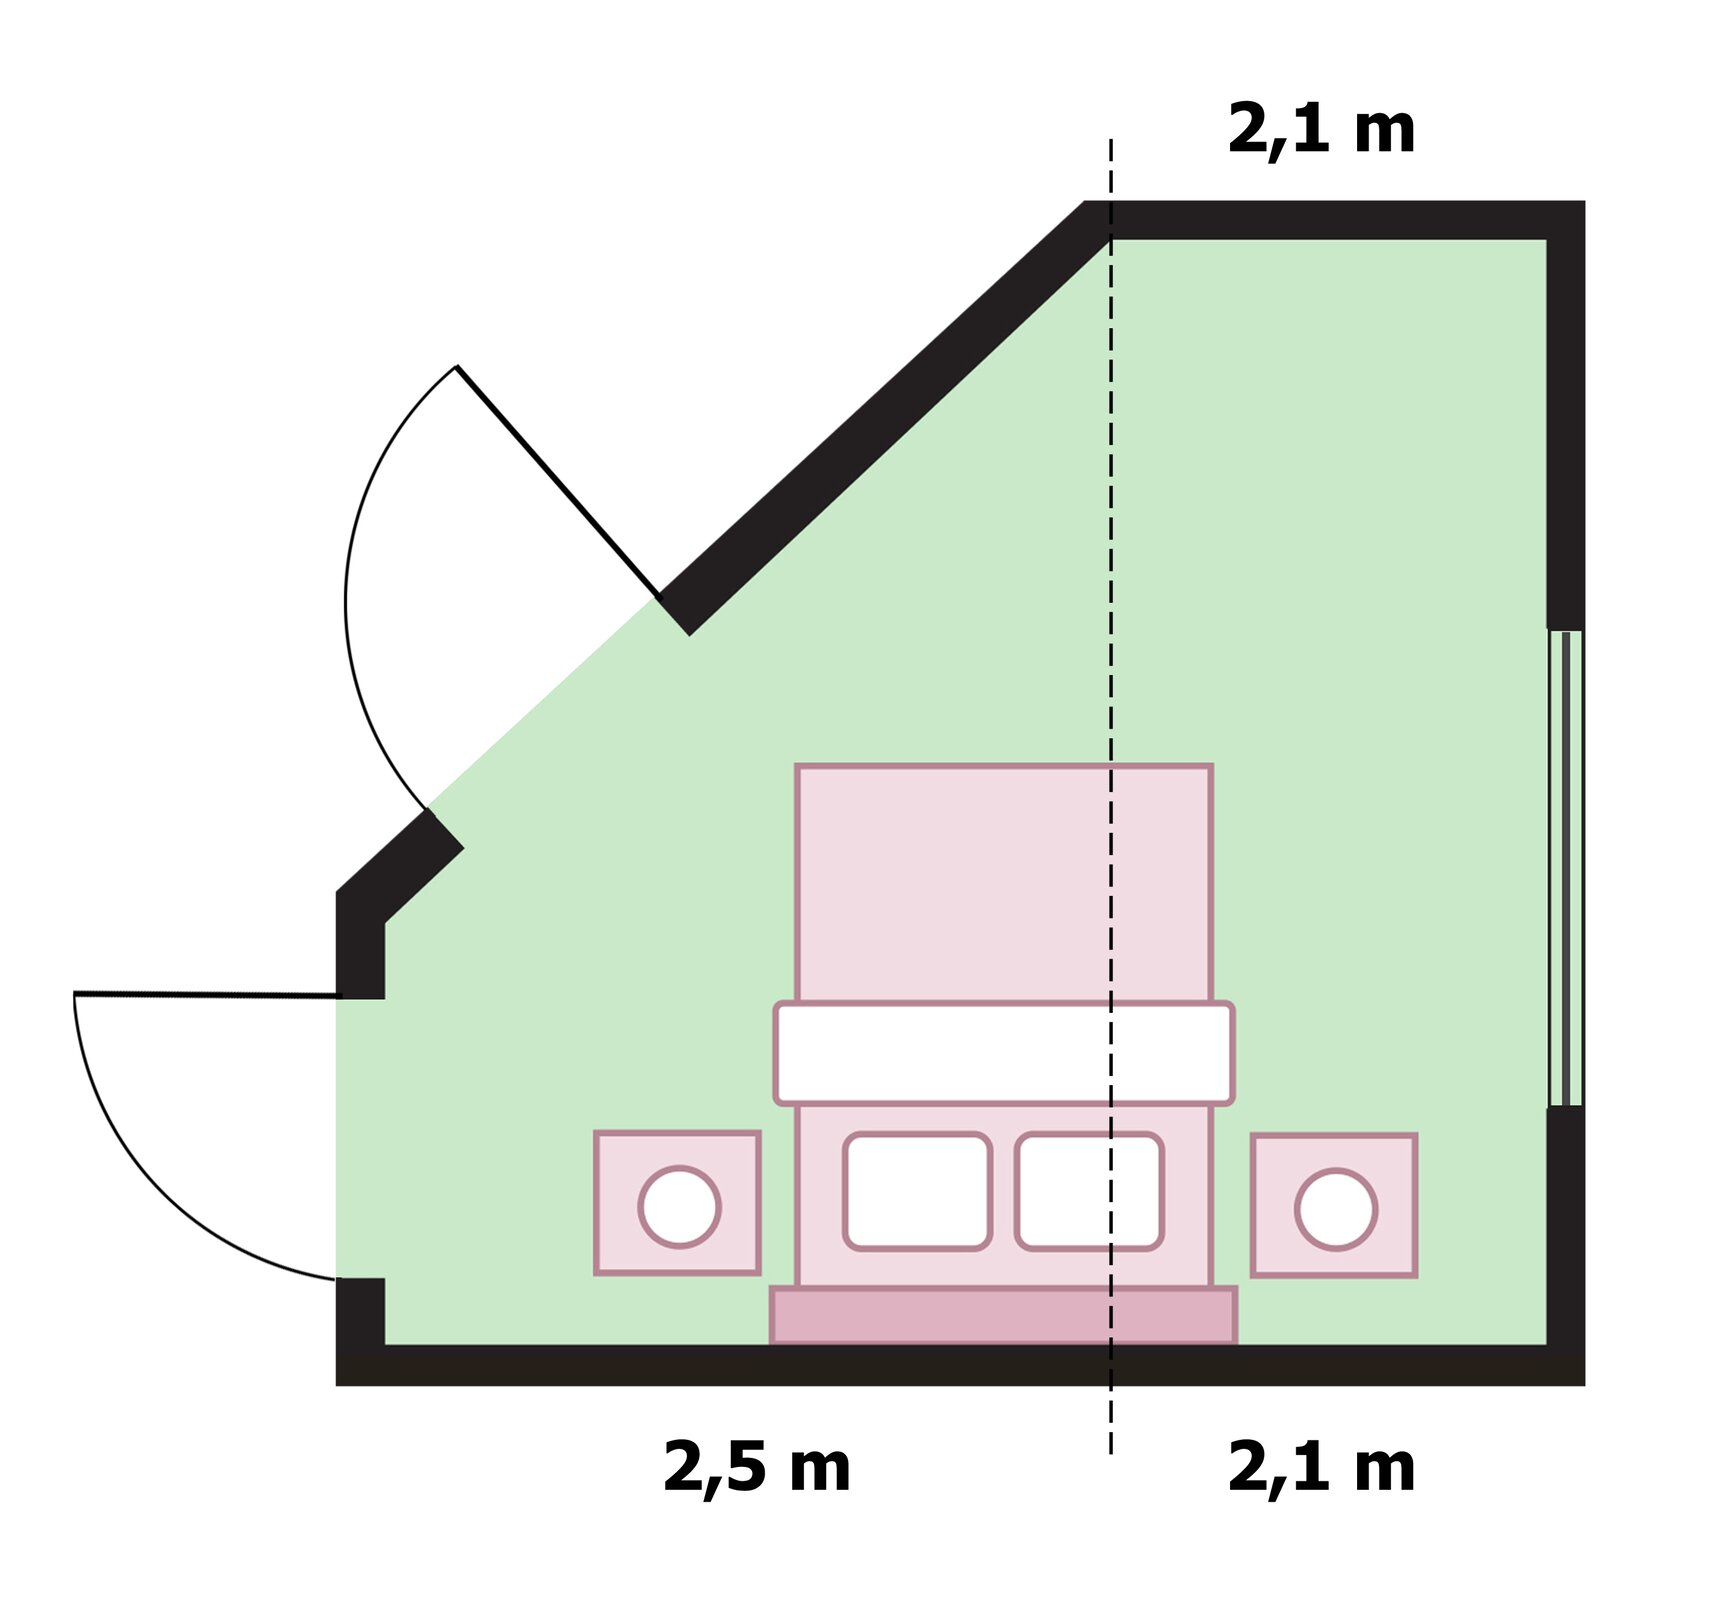 Rysunek podłogi mieszkania wkształcie figury złożonej ztrapezu prostokątnego opodstawach 1,4 mi2,6 moraz wysokości 2,5 miprostokąta obokach 2,1 mi2,6 m. Rysunek podłogi mieszkania zoznaczonymi wymiarami ścian do malowania 2,1 m, 2,1 mi2,5 m.